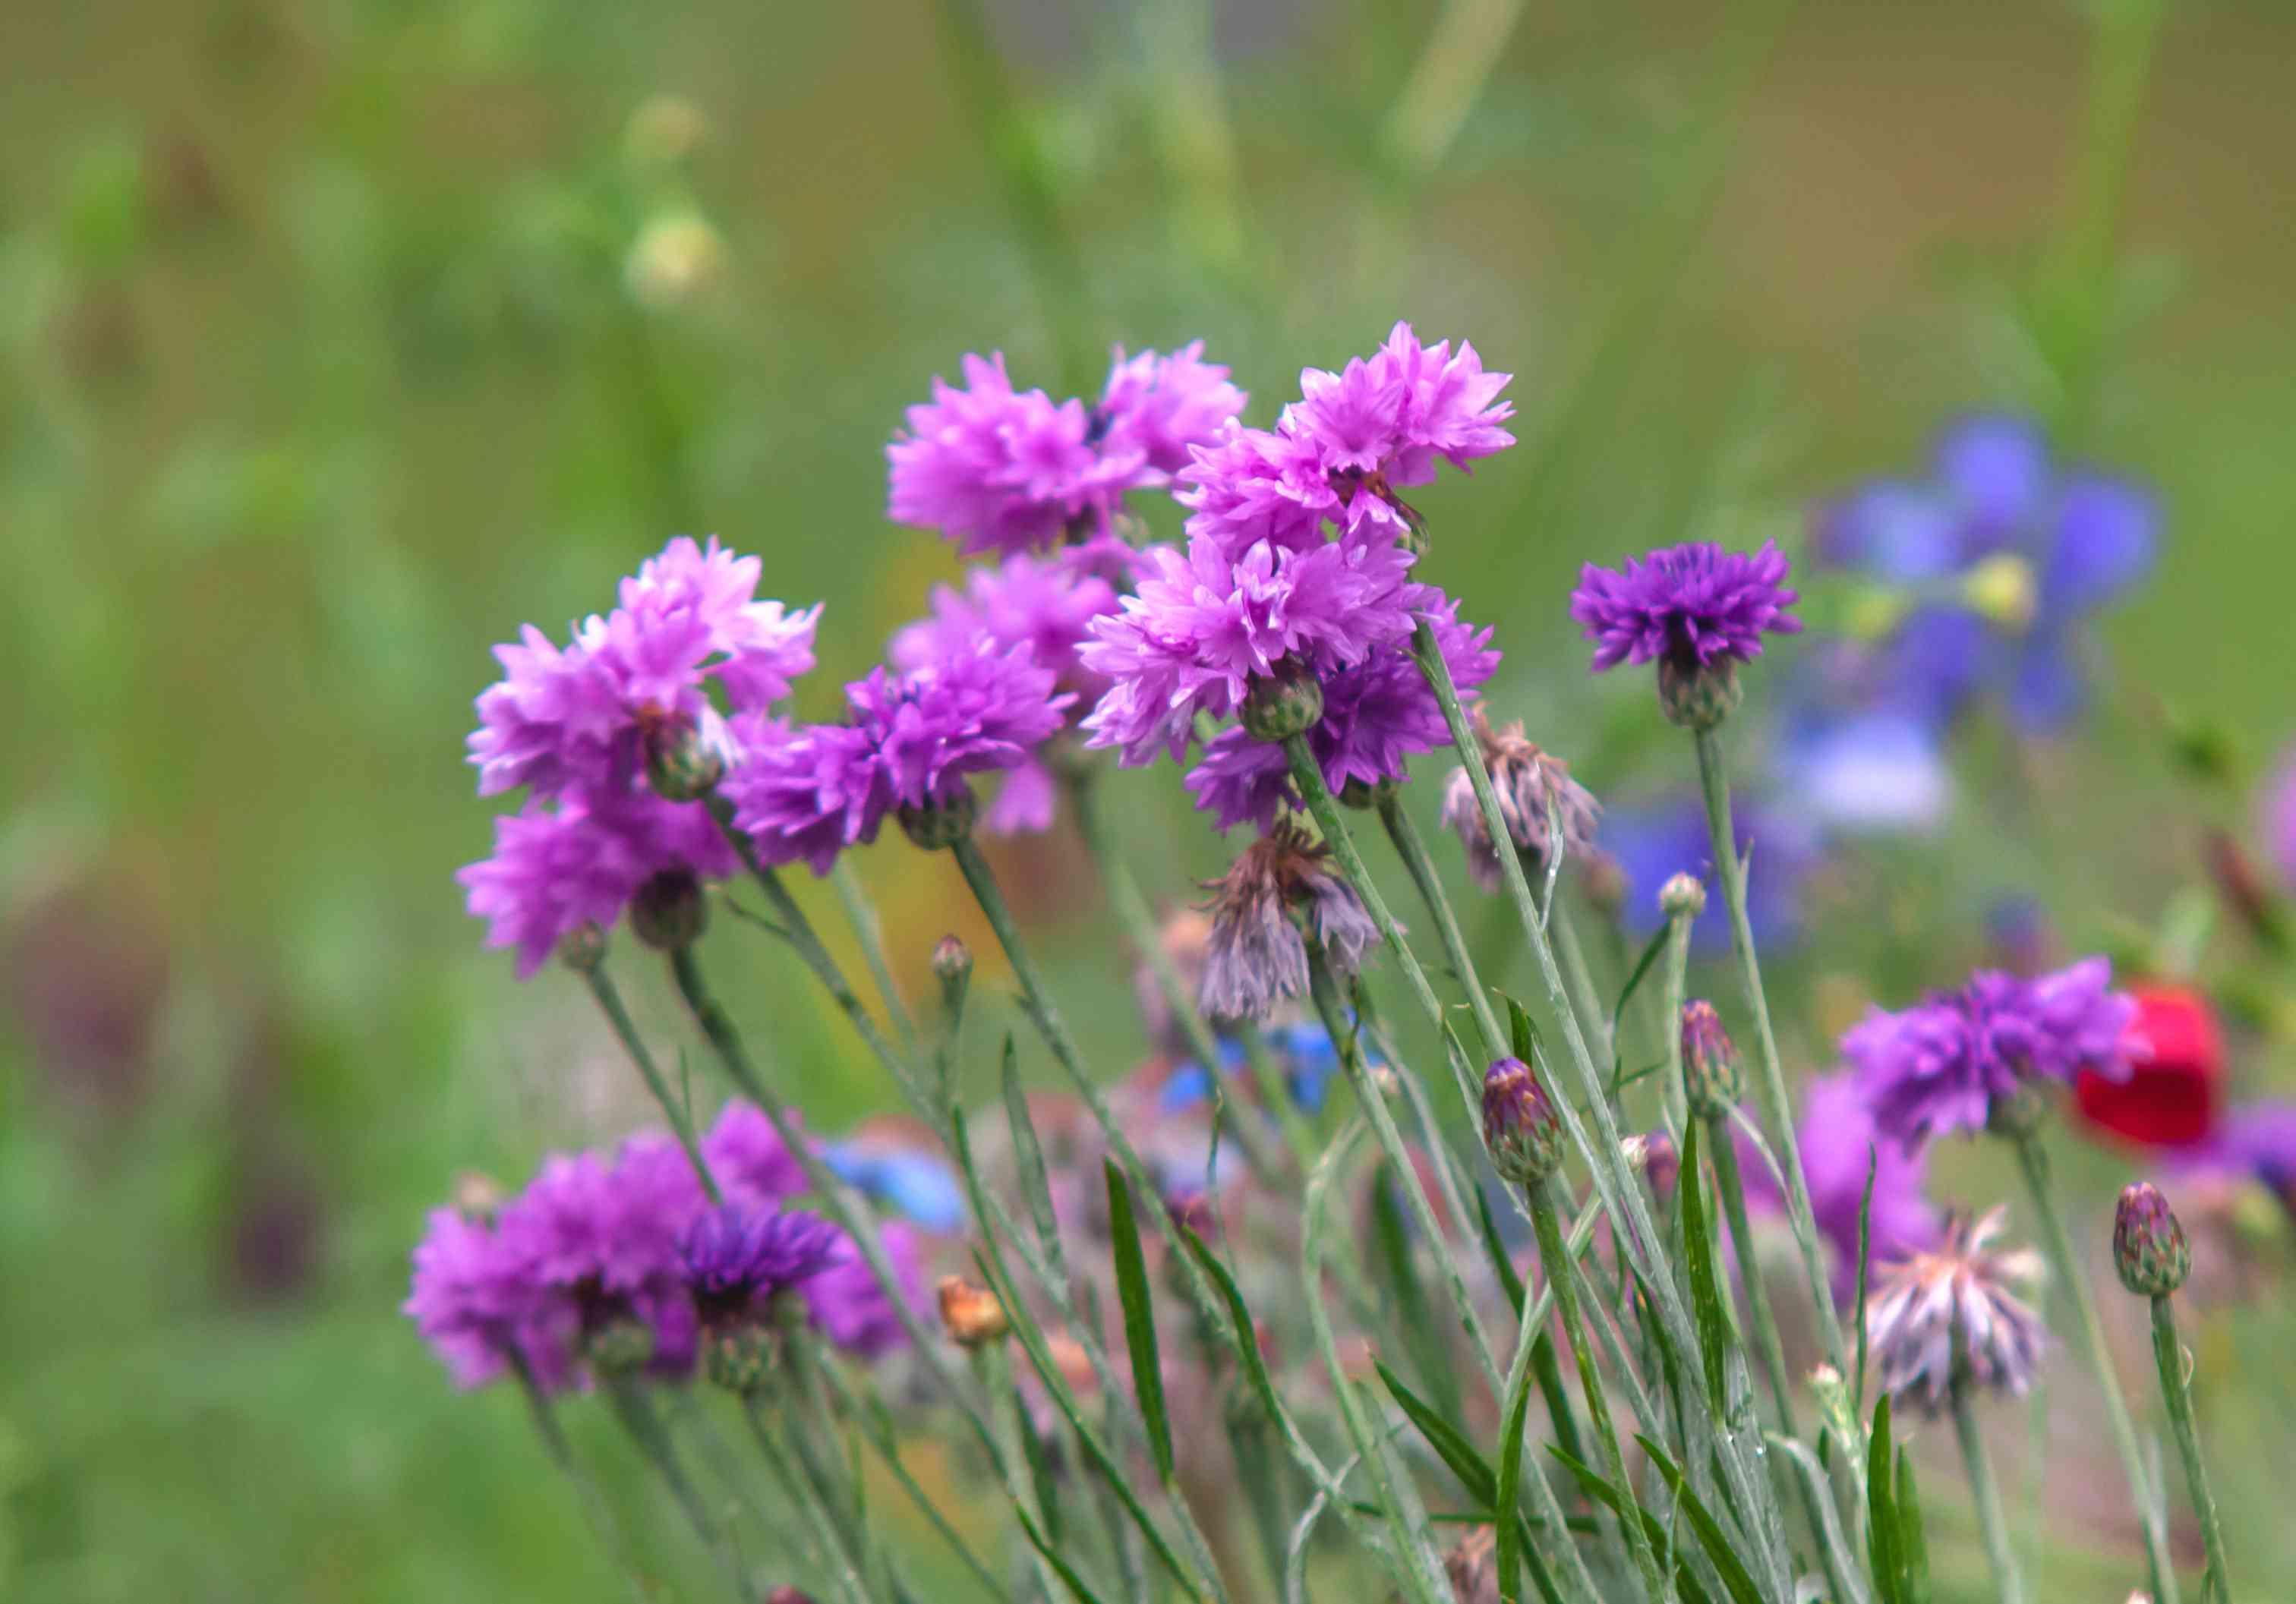 Cornflower stems with purple-pink flowers in garden